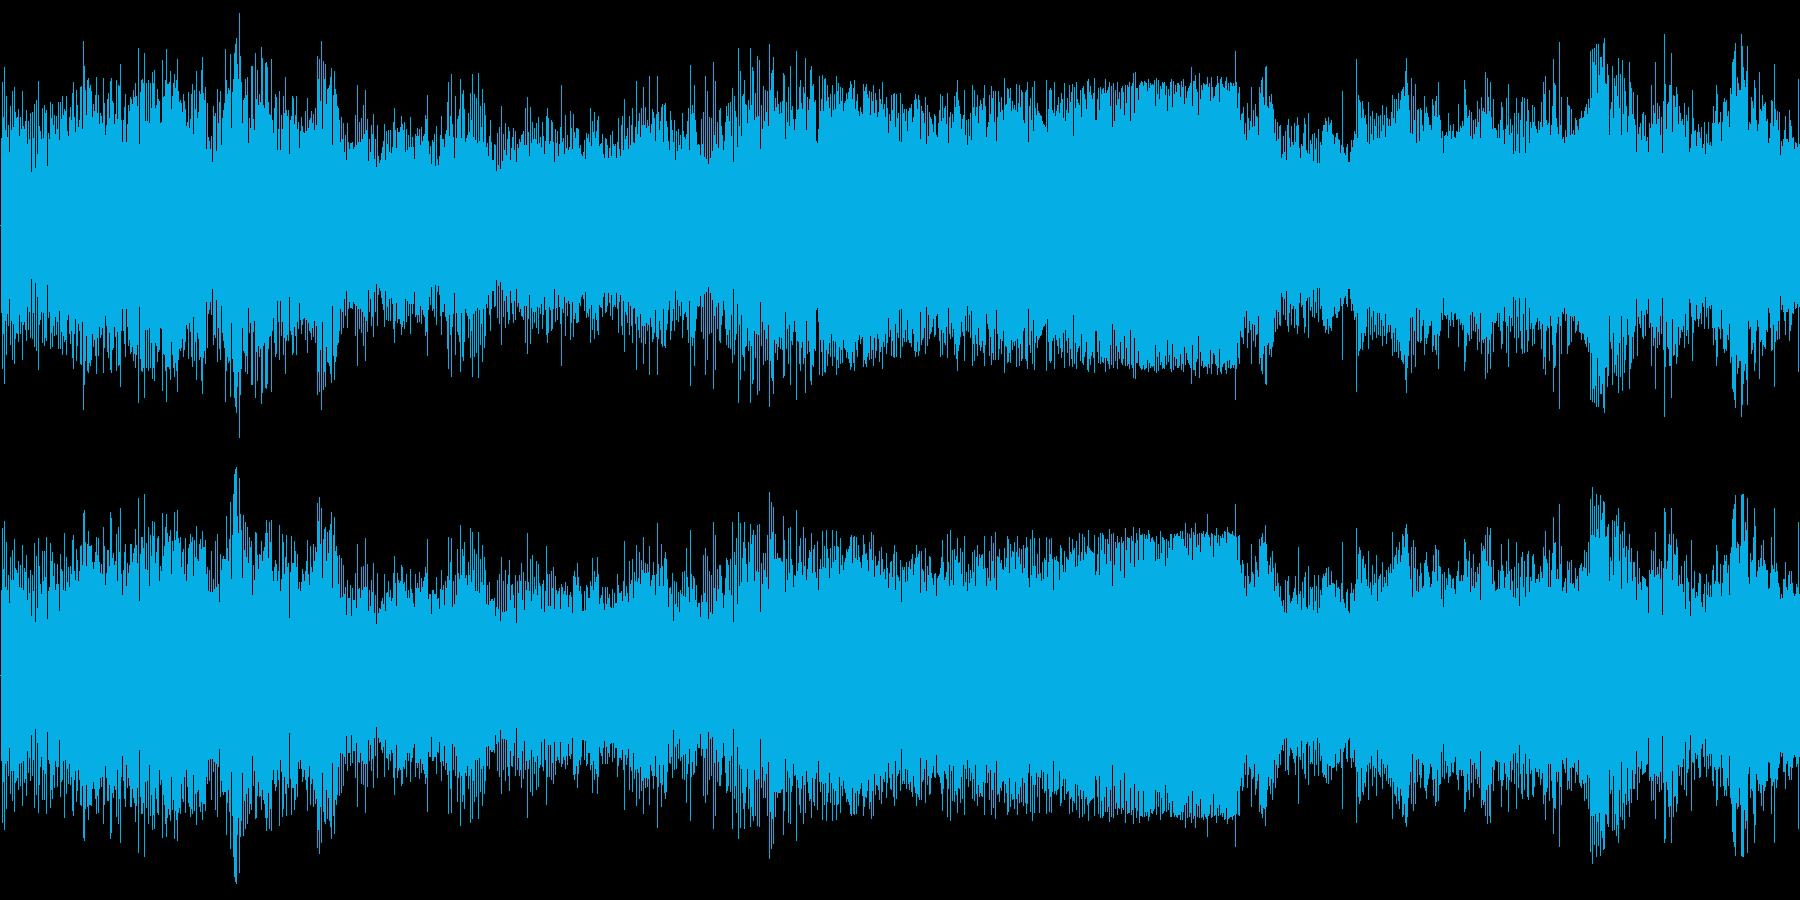 ヘリコプター駆動中の再生済みの波形